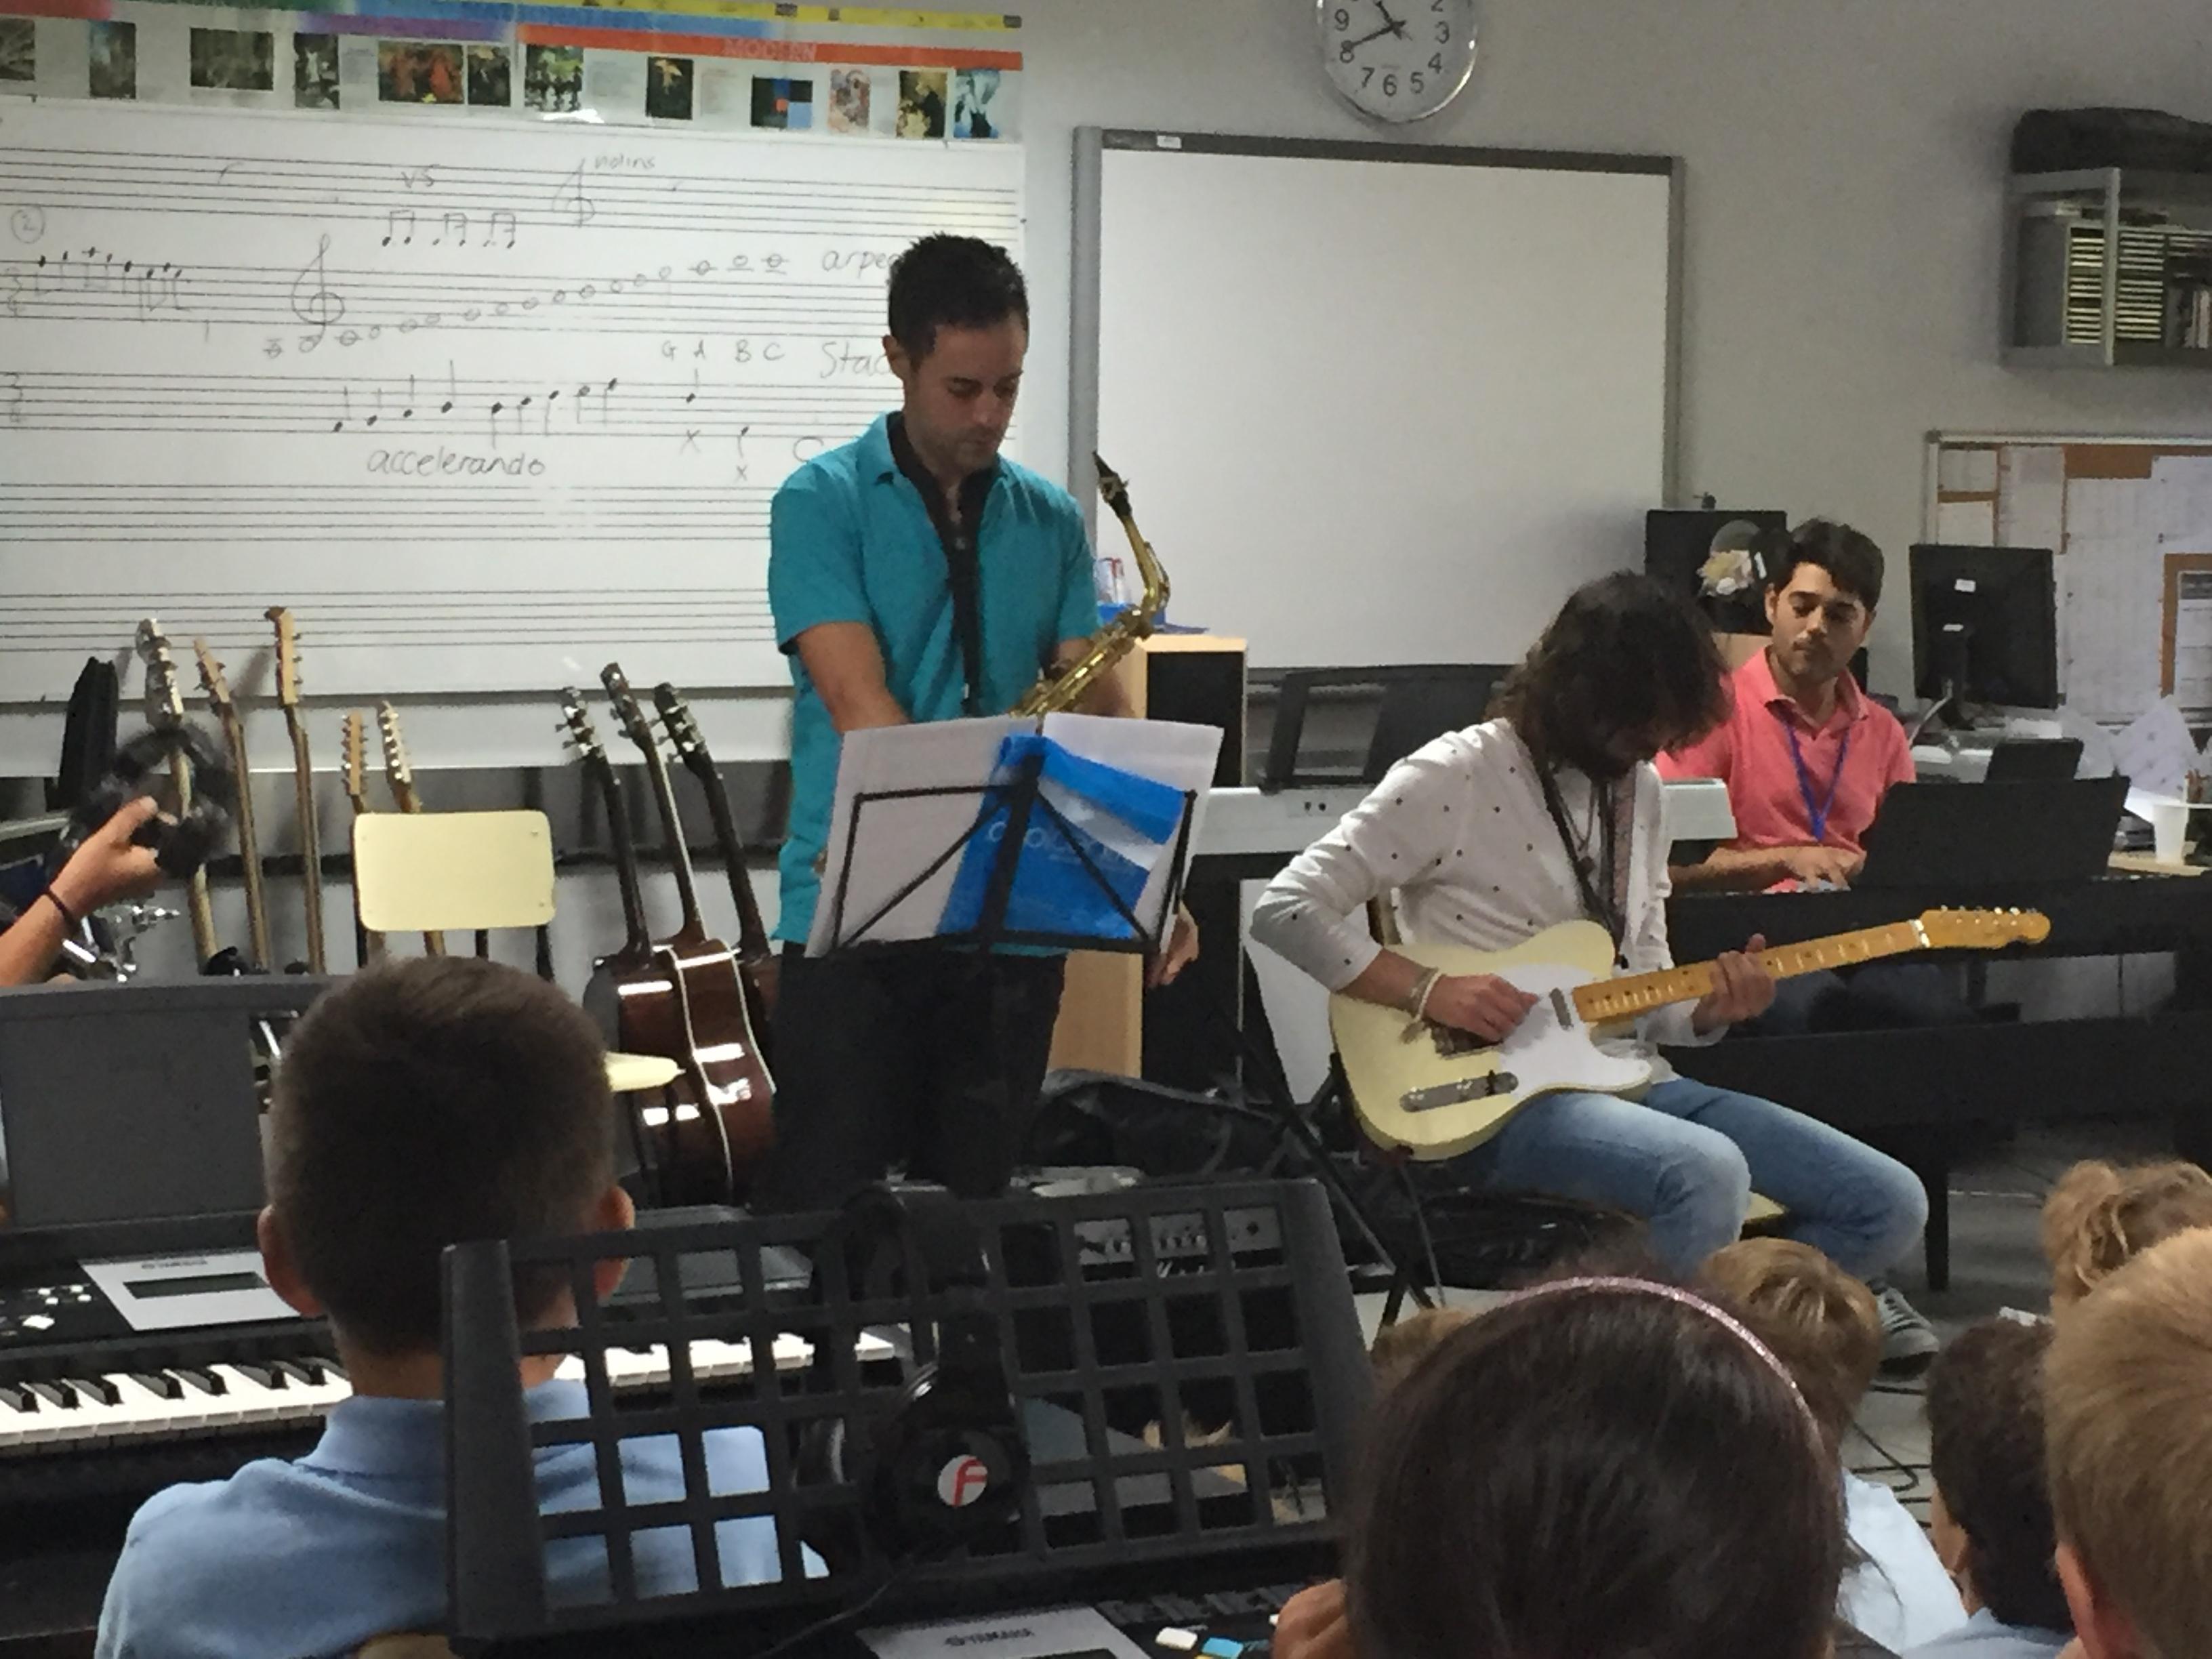 Presentación Aloha College 16-17